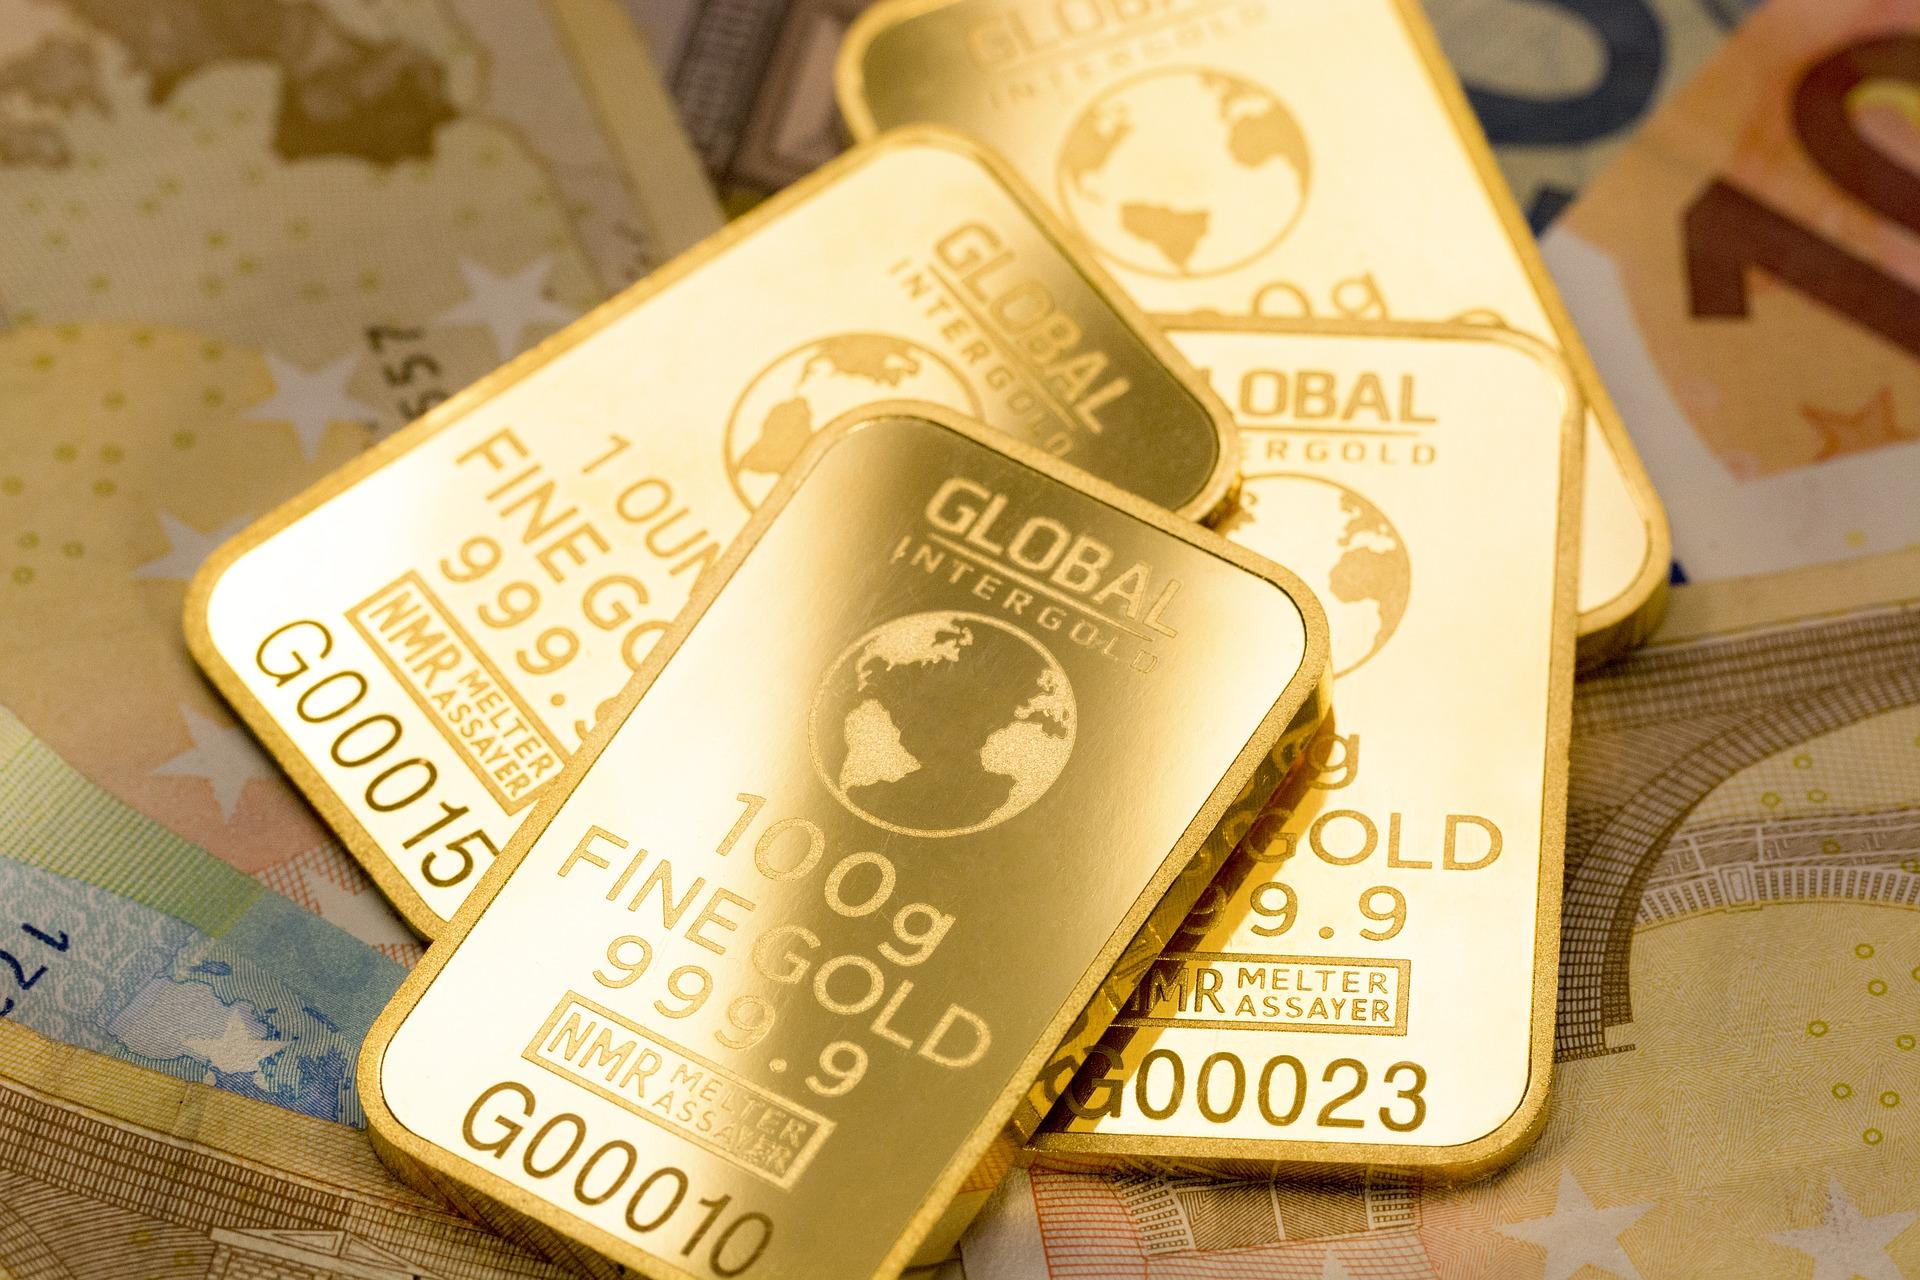 Cena zlata roste a je čas zamyslet se nad svým investičním portfoliem